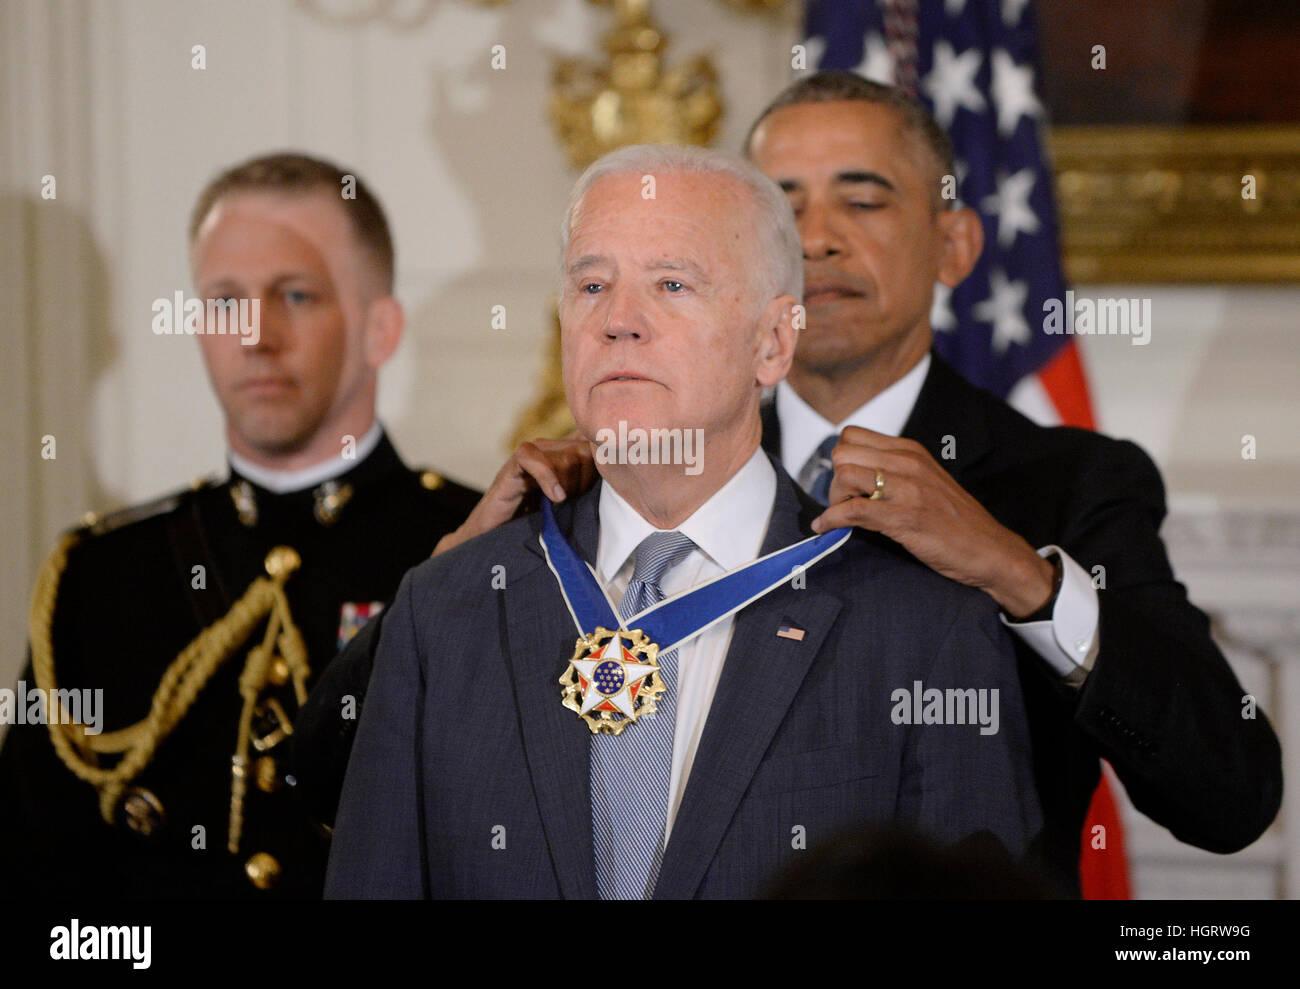 Washington DC, Estados Unidos. 12 ene, 2017. El Presidente de Estados Unidos, Barack Obama presenta la Medalla de Imagen De Stock